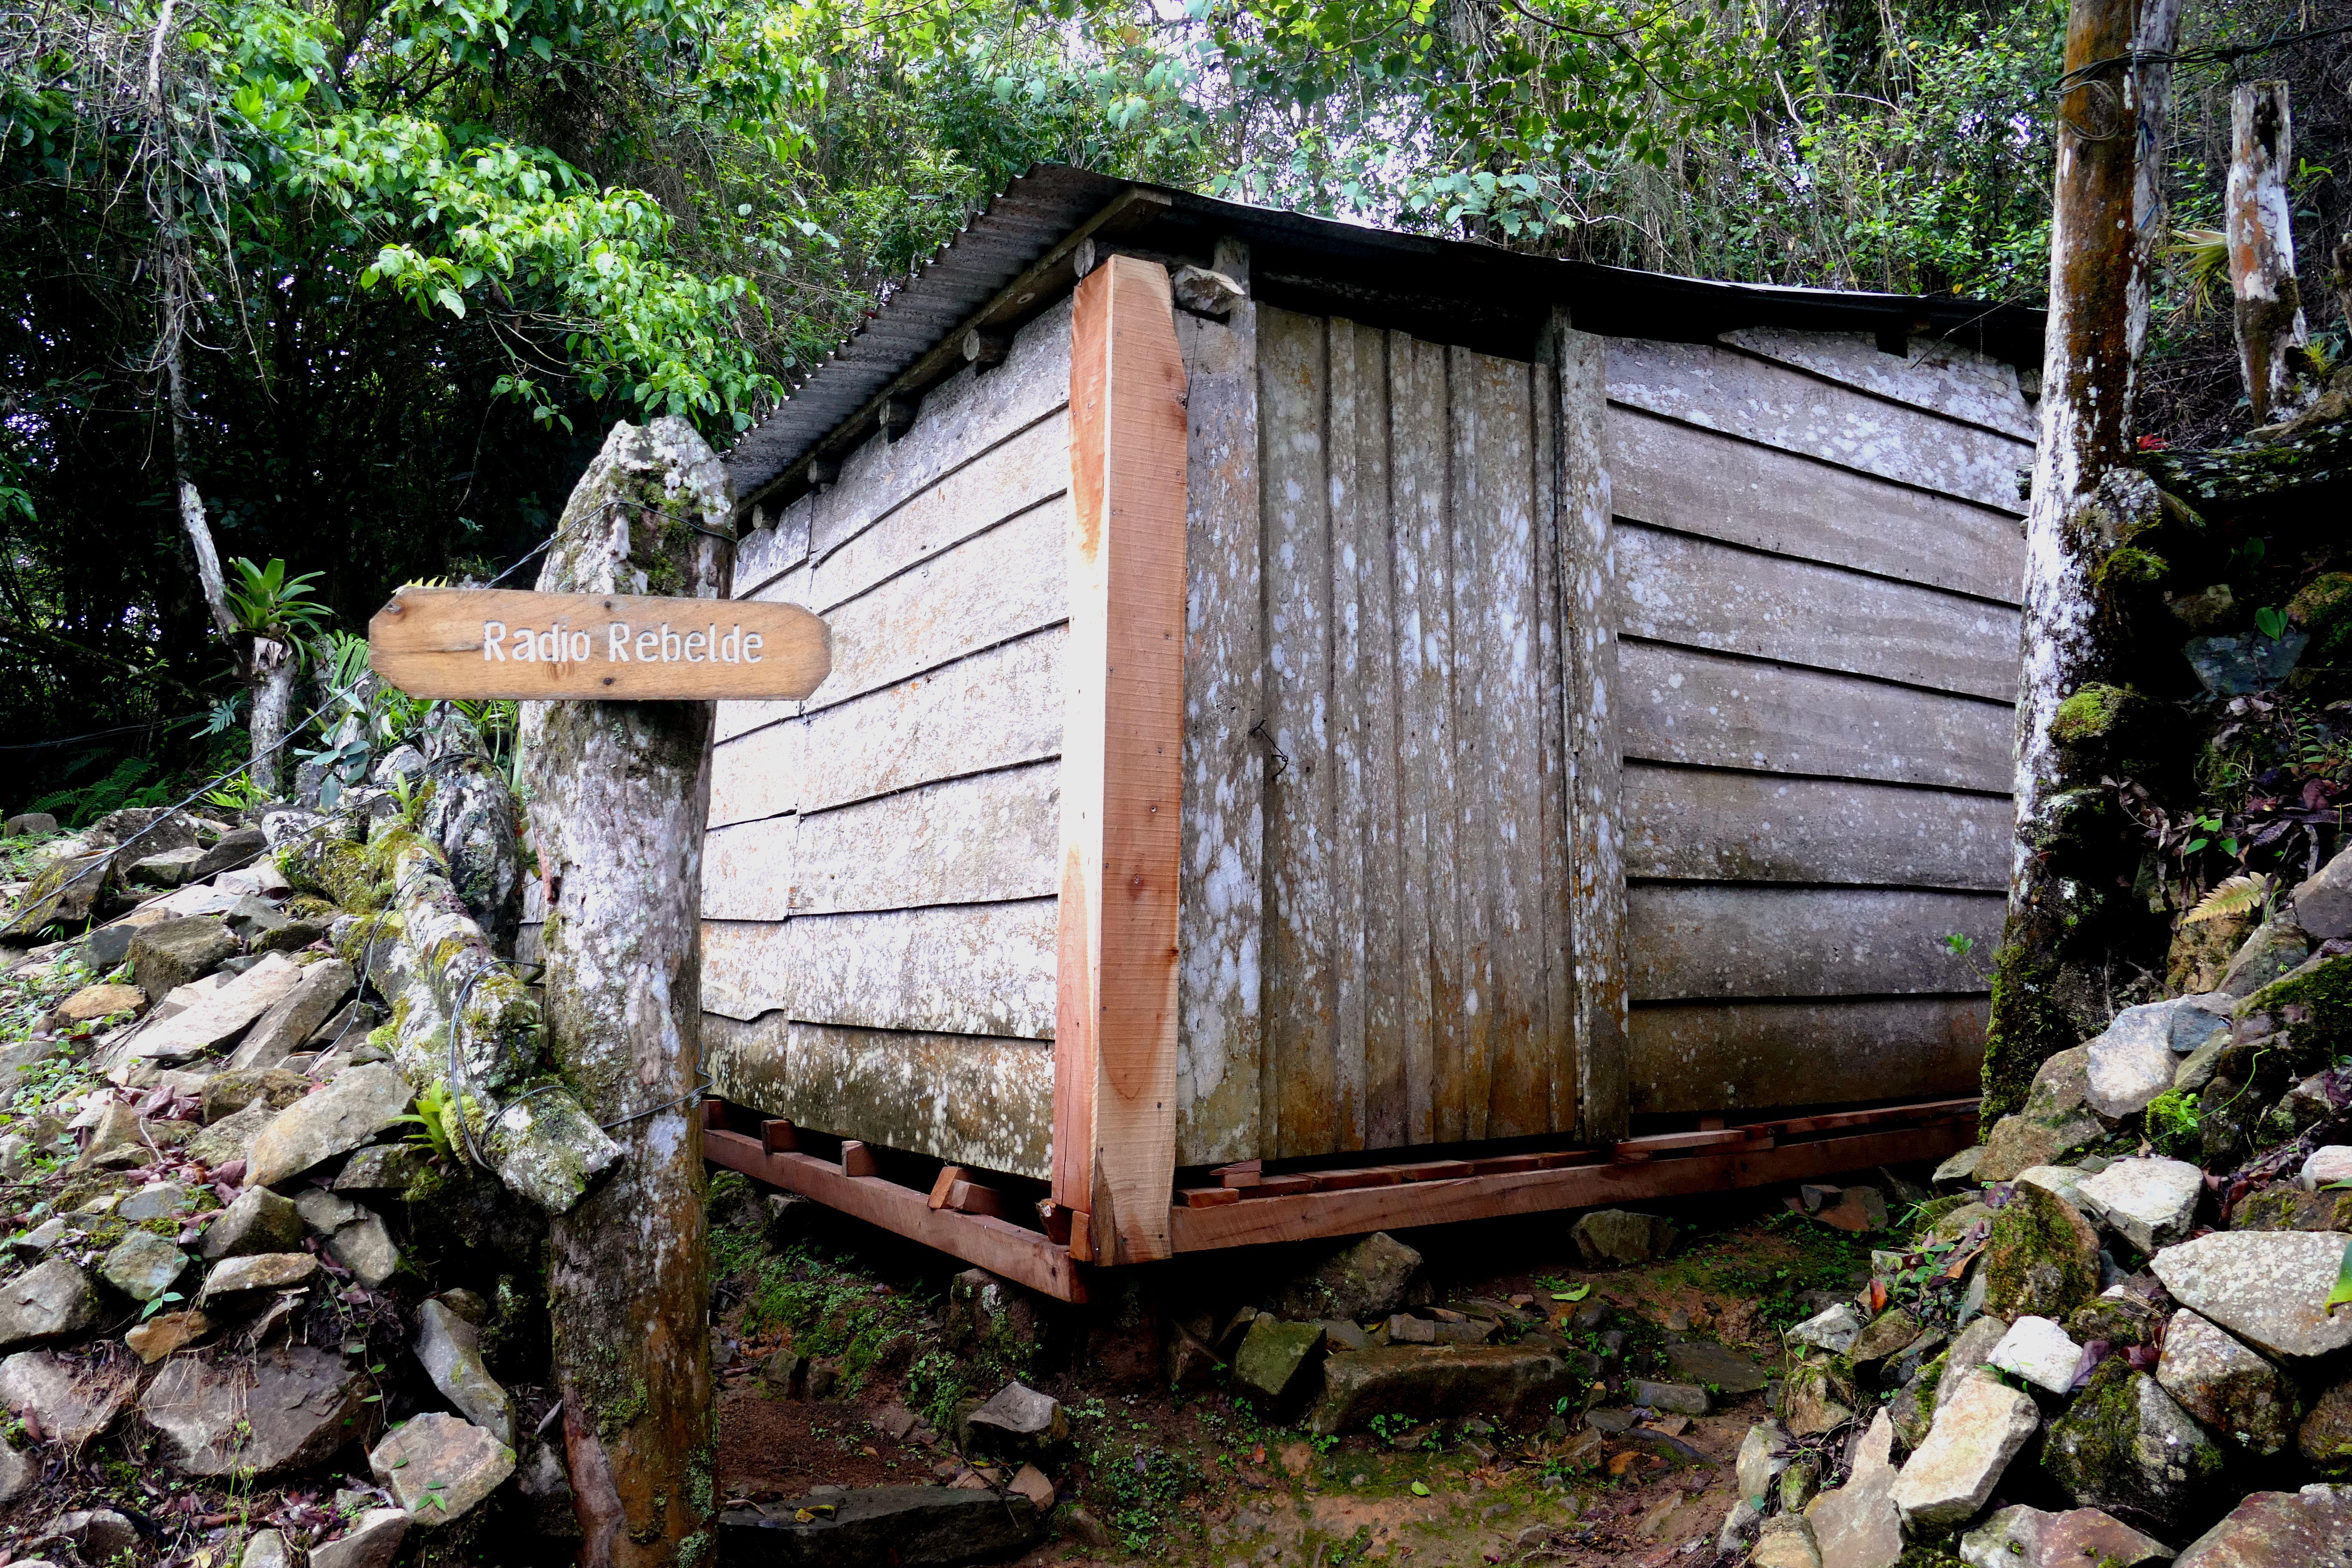 Casilla preservada donde el Che Guevara creó Radio Rebelde en 1958, en la zona de La Mesa en Sierra Maestra. La emisora de radio todavía continúa en el aire.